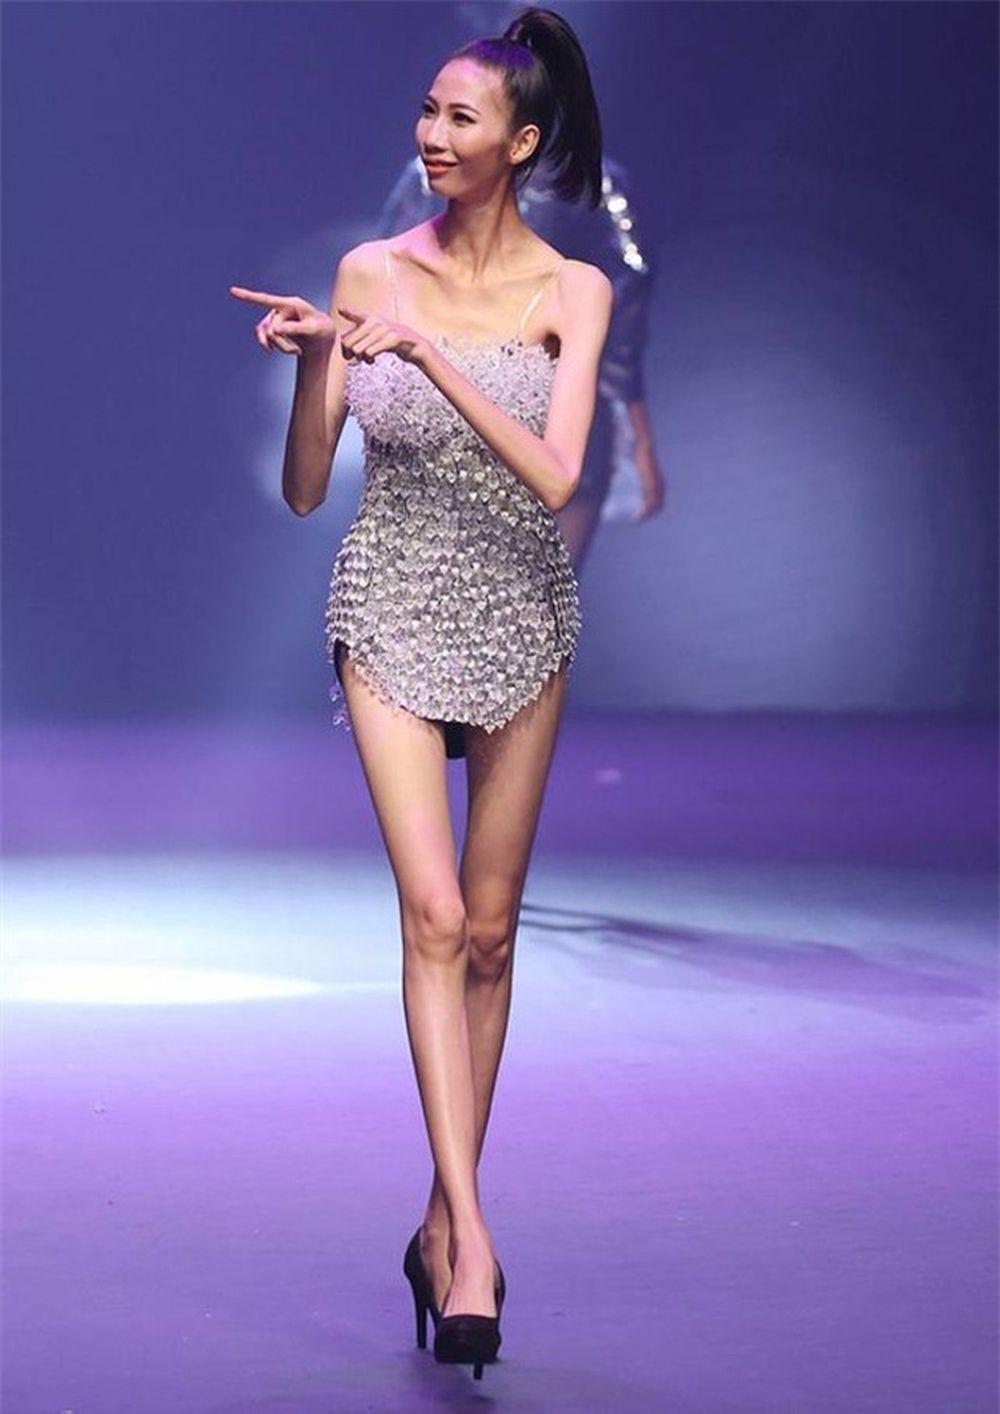 Những ngày qua, hình ảnh người mẫu Top 5 Cao Ngân sải bước trên sàn catwalk với thân hình gầy gò, trơ xương trở thành chủ đề xôn xao nhất mạng xã hội.